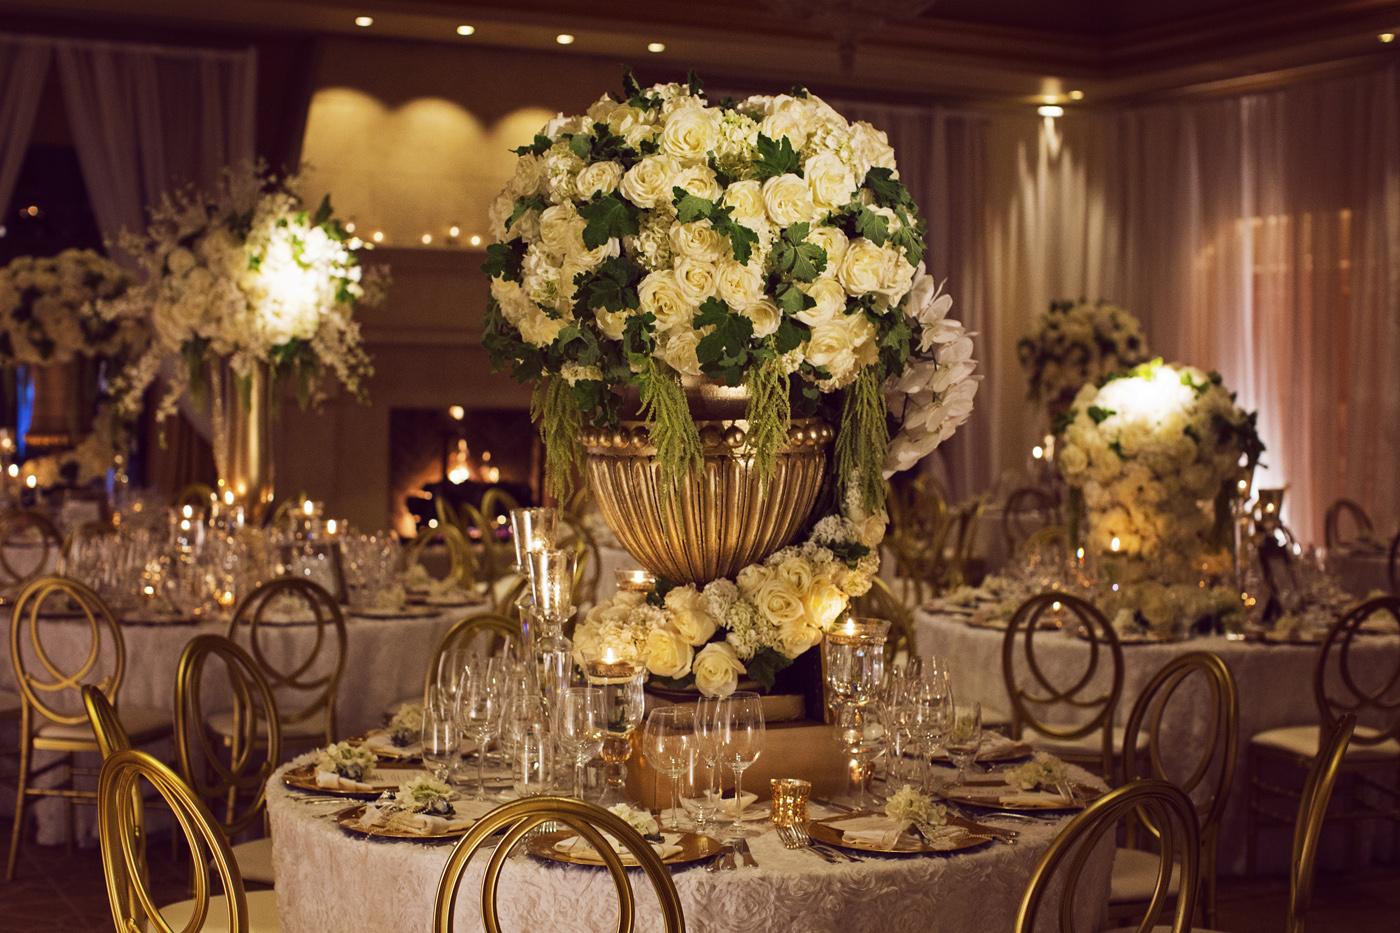 065_DukePhotography_DukeImages_Wedding_Details.jpg